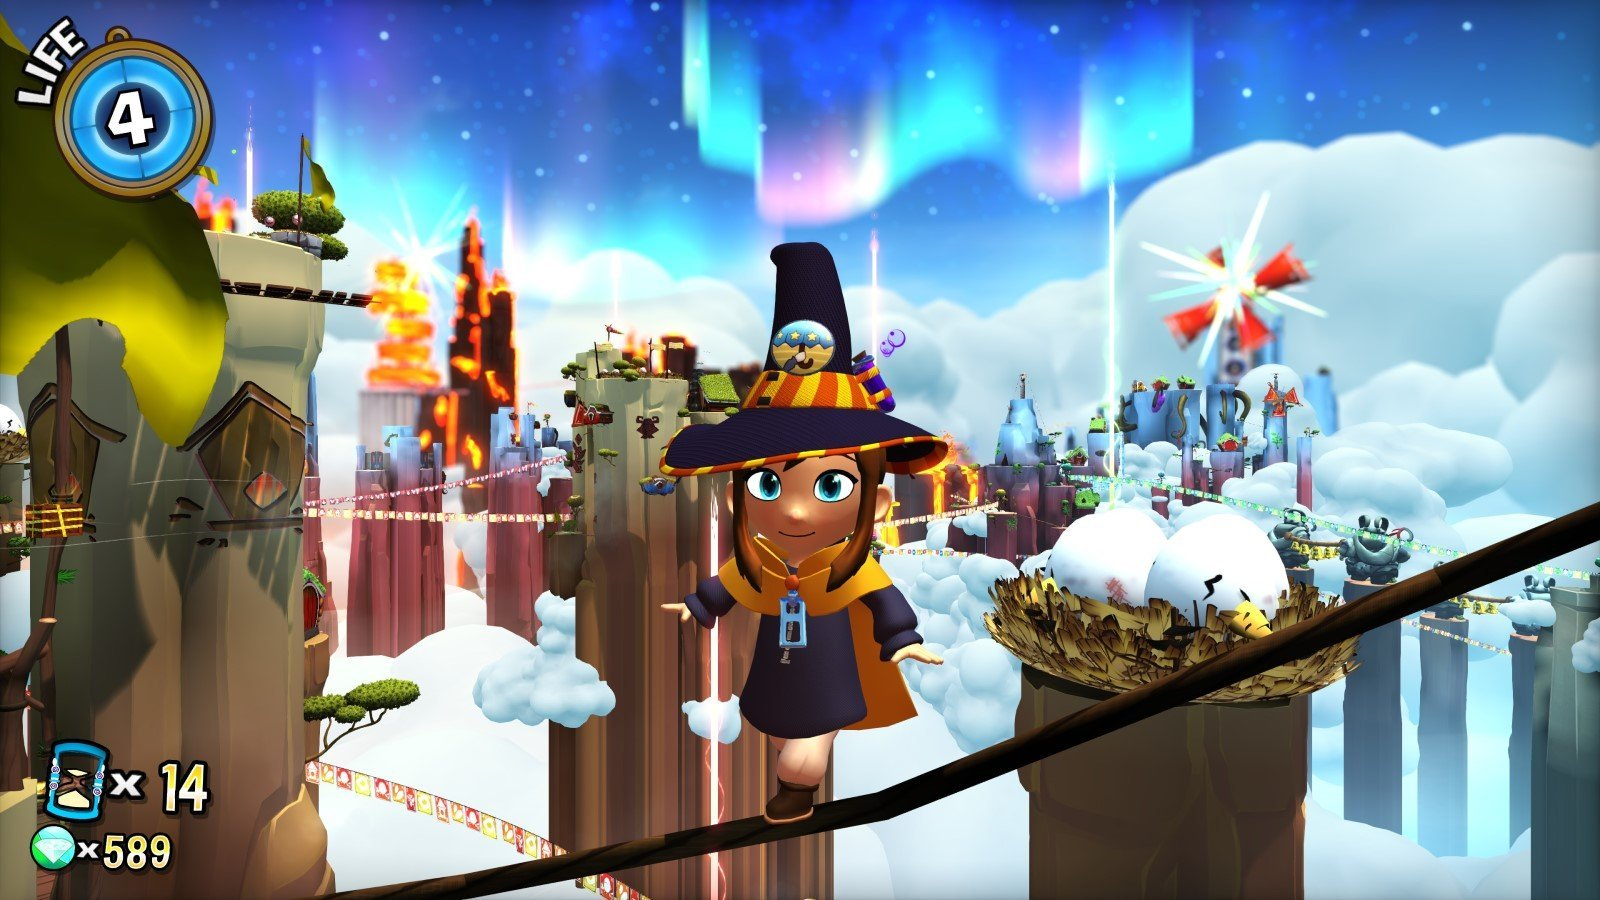 Скриншот к игре A Hat in Time v.1.11 + 2 DLC [GOG] (2017) скачать торрент Лицензия